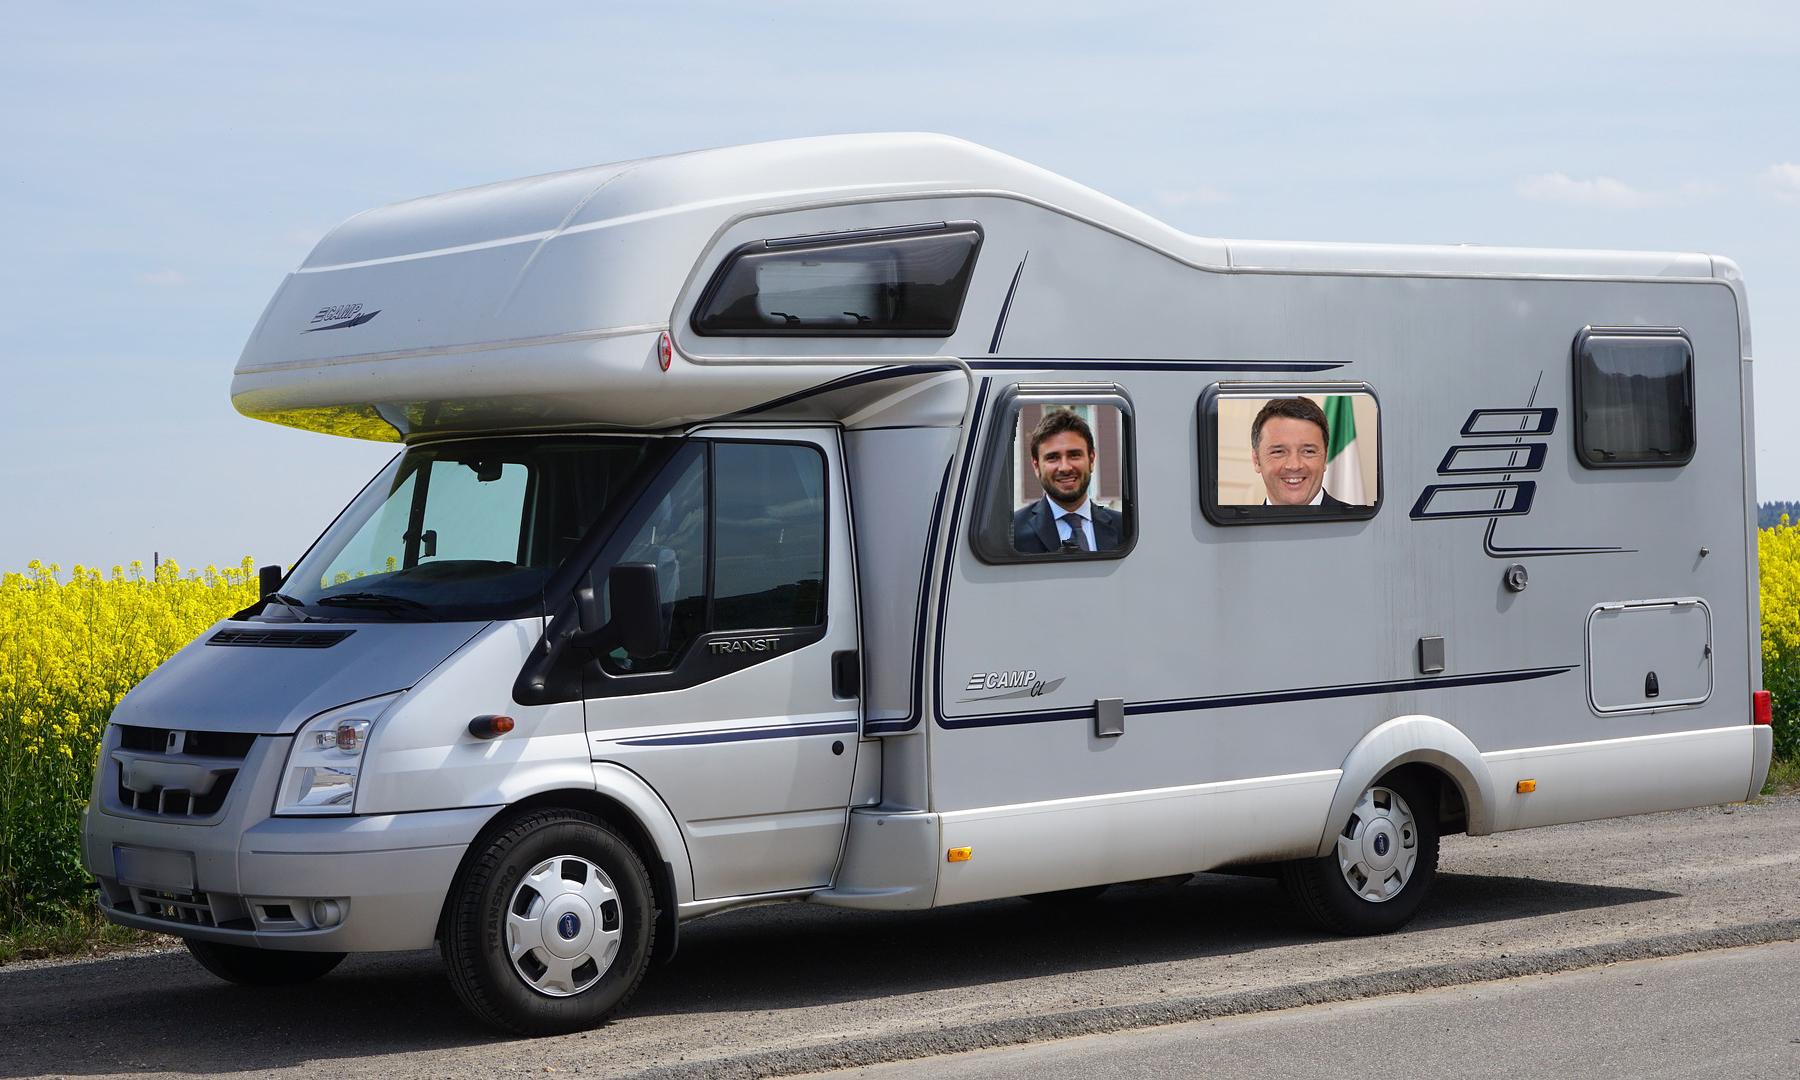 Campagne elettorali in camper